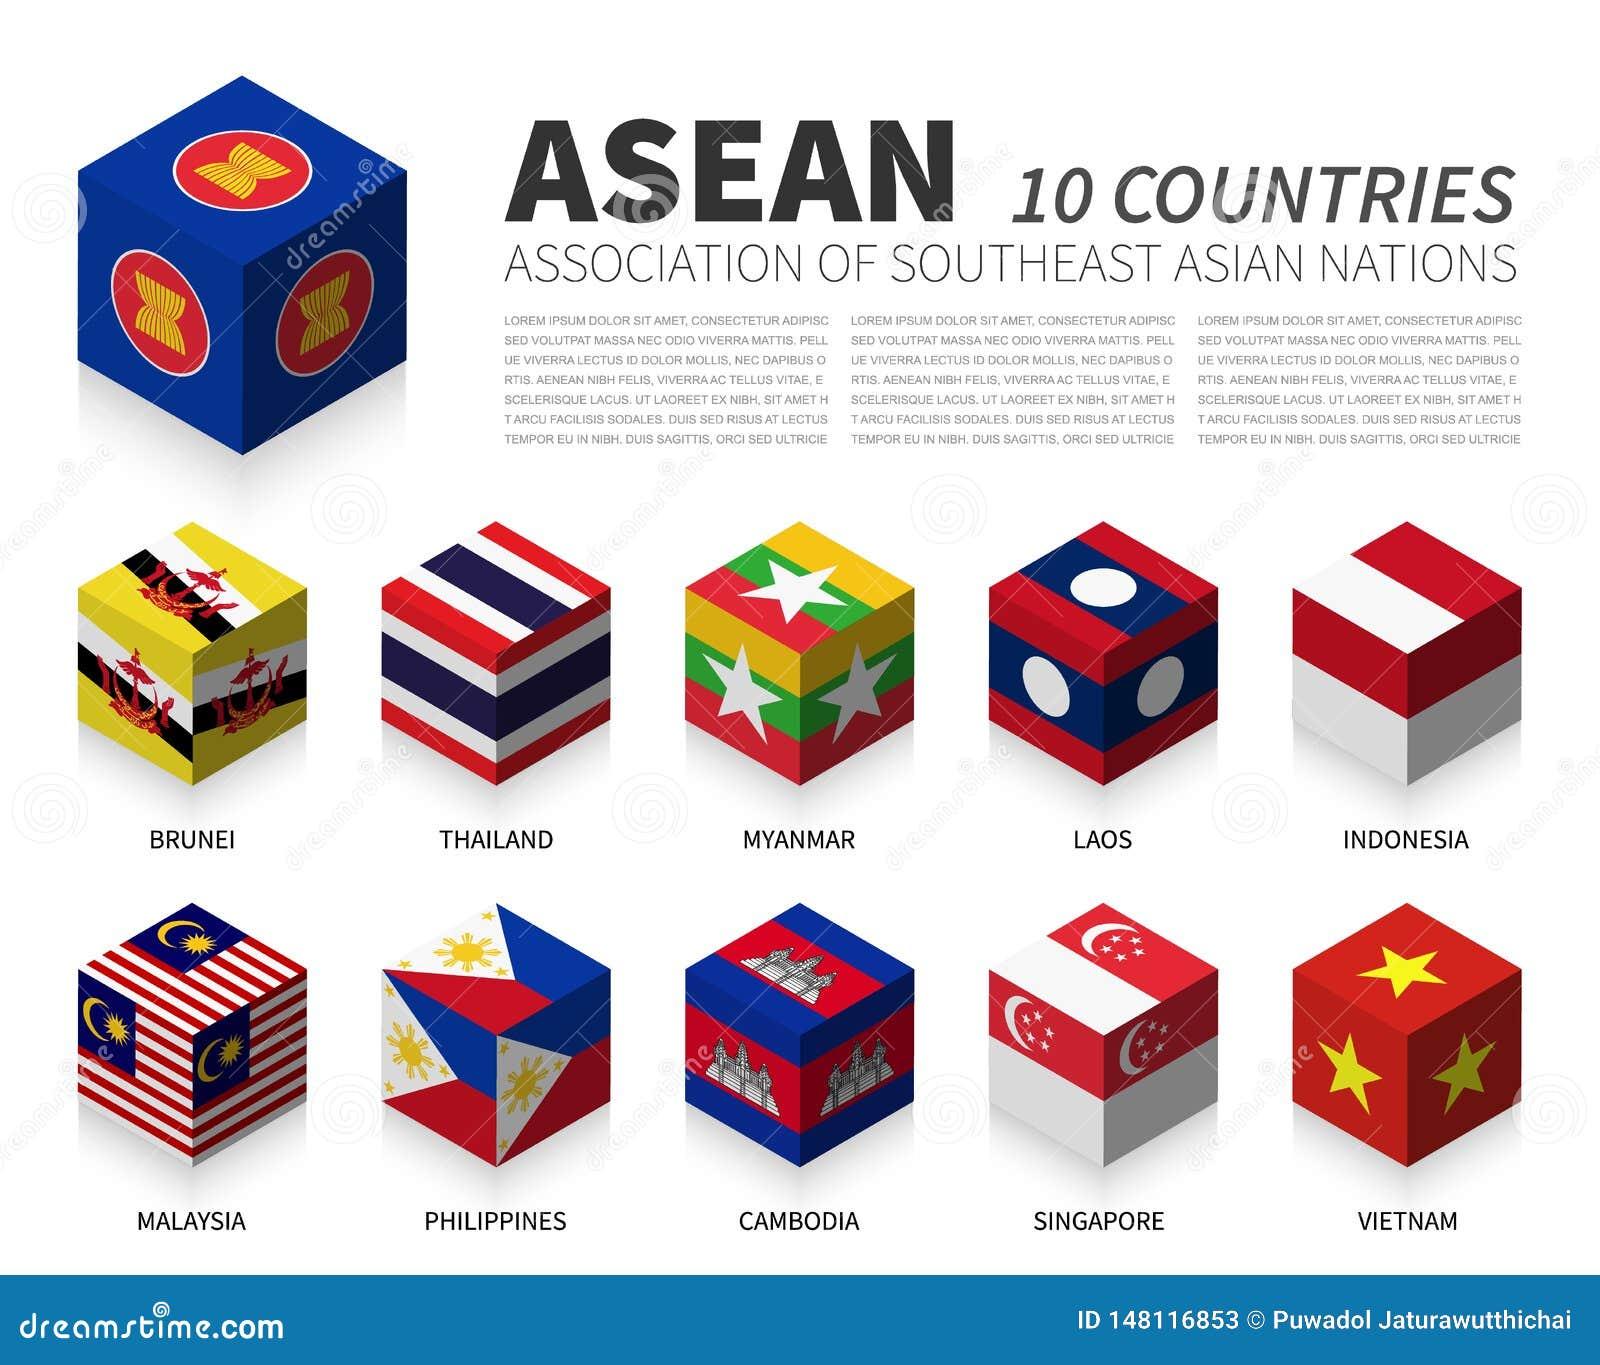 ASEAN Association des nations et de l adhésion asiatiques du sud-est conception cubique du drapeau 3D Vecteur